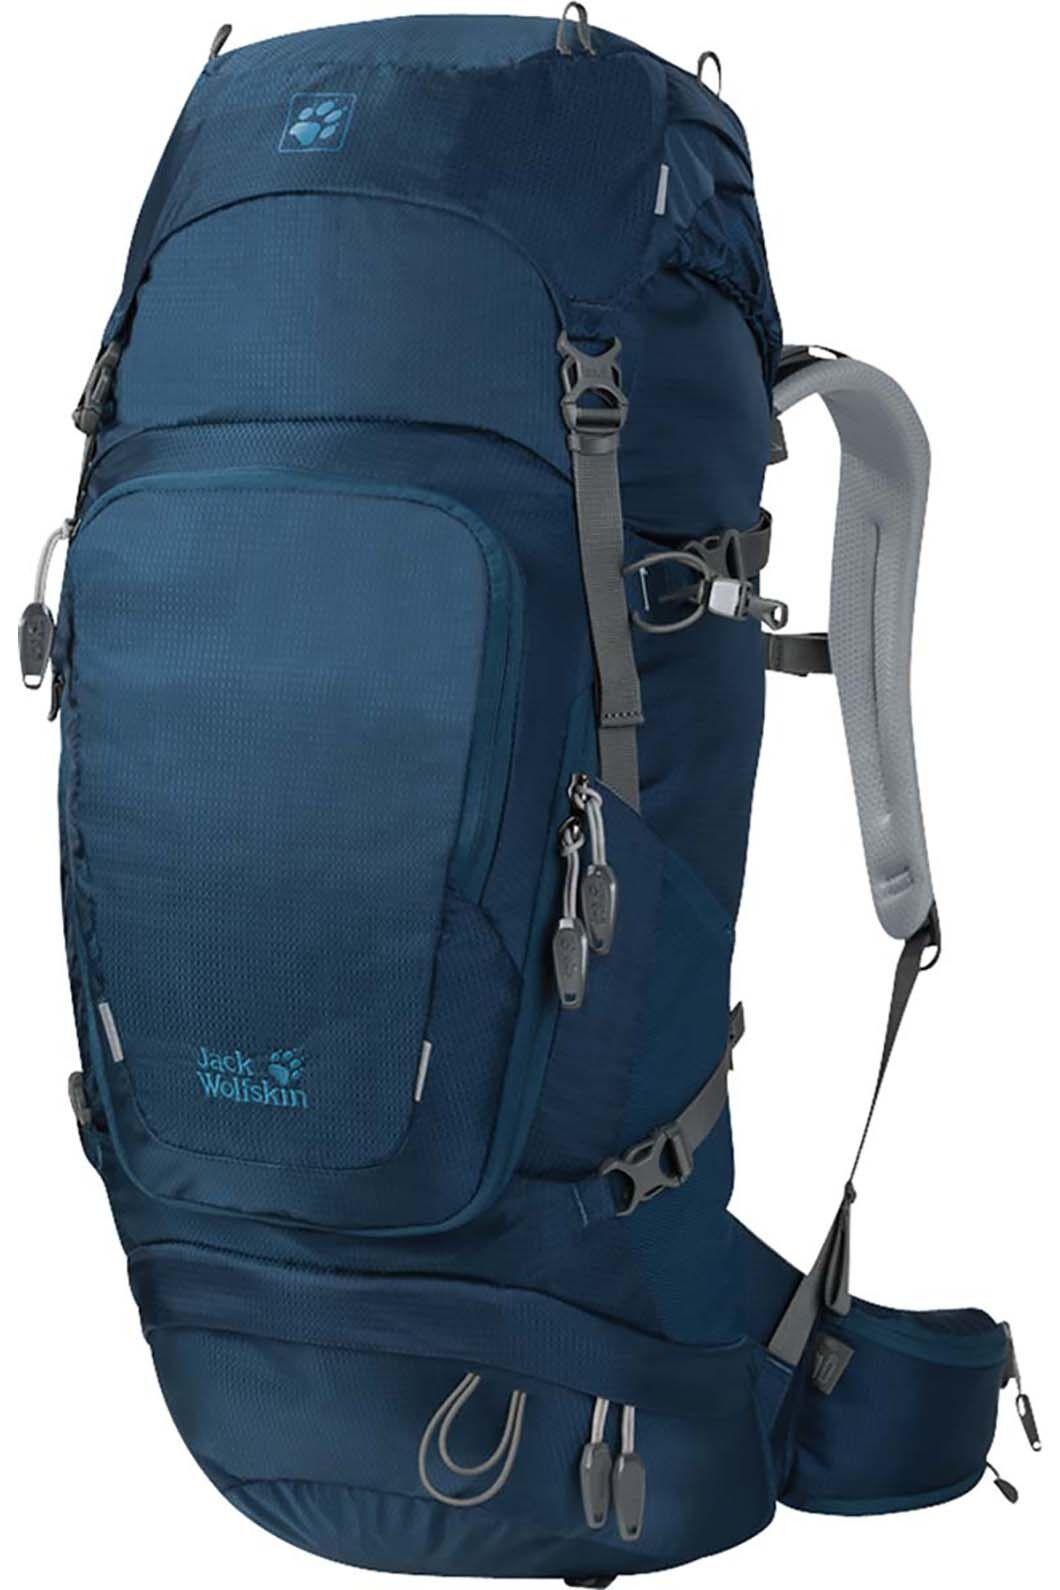 Jack Wolfskin Orbit Daypack 38L, None, hi-res